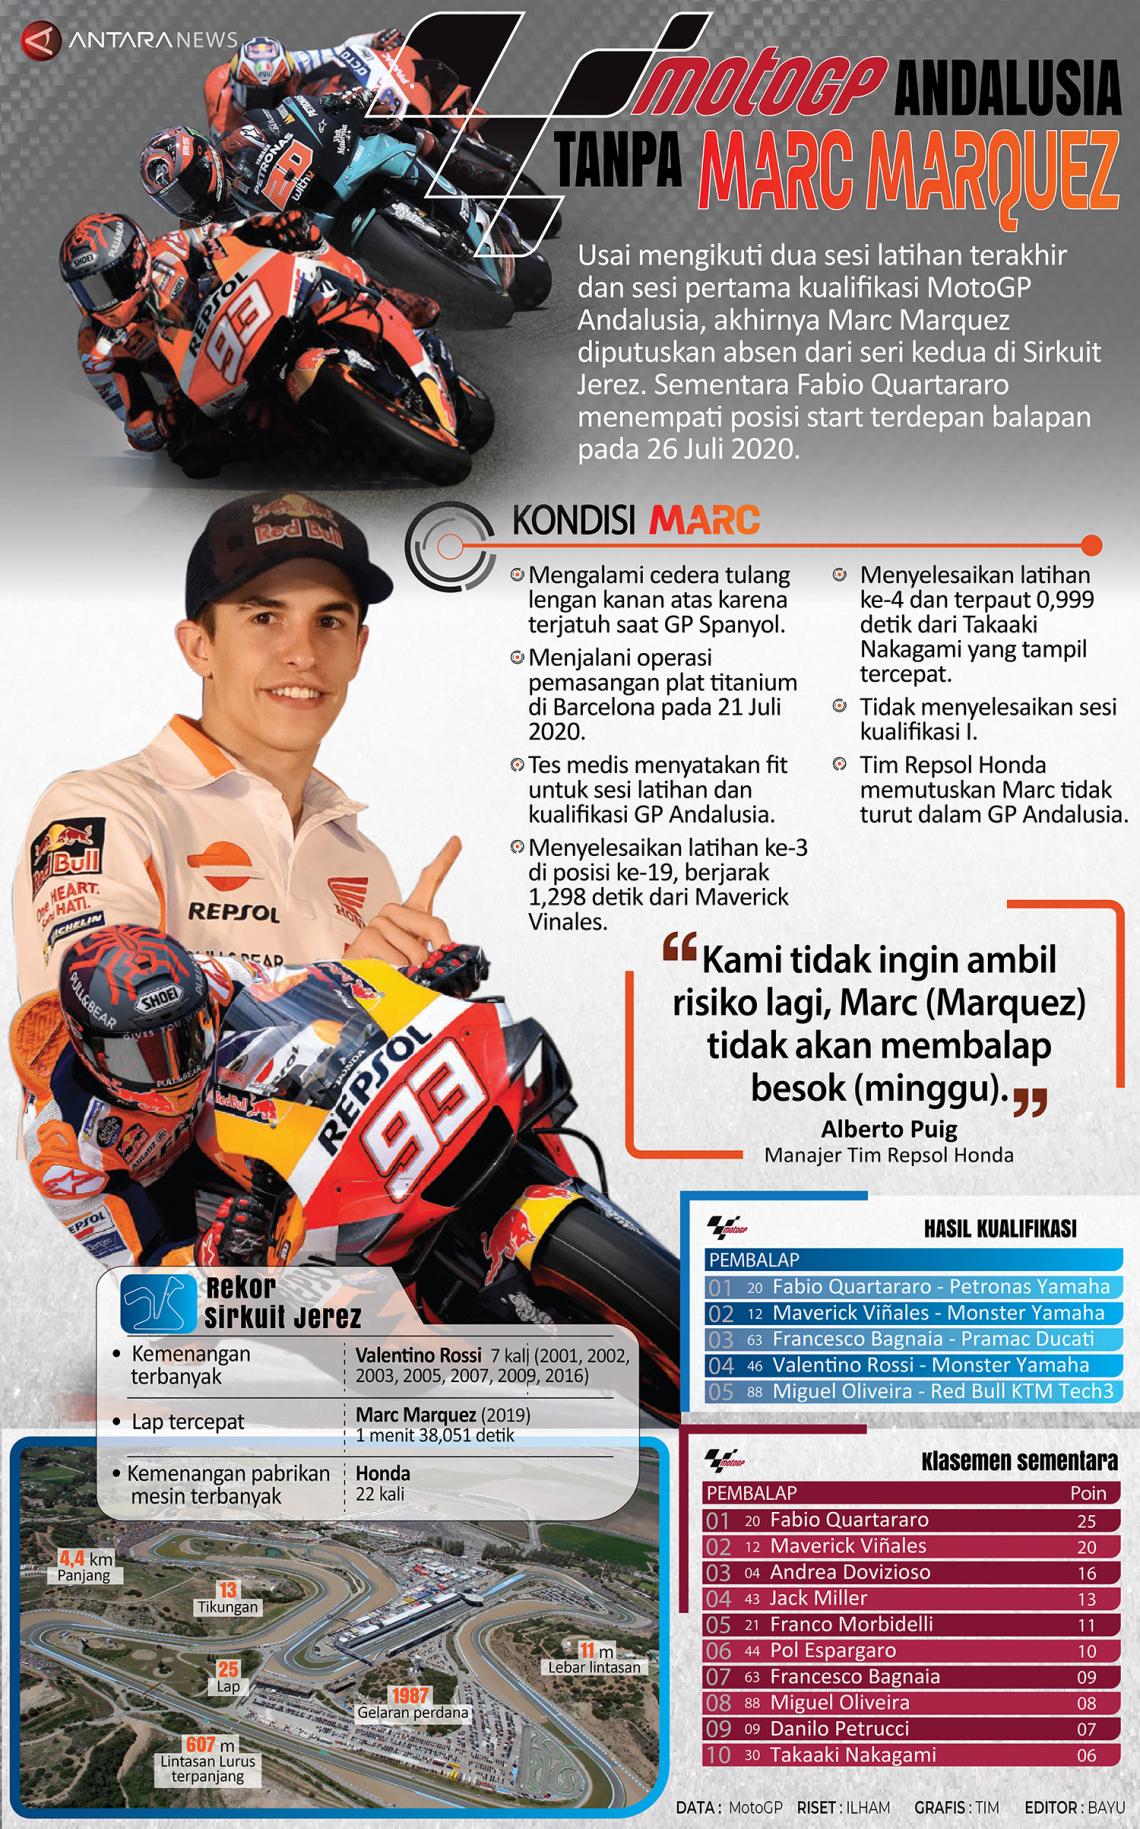 MotoGP Andalusia tanpa Marc Marquez